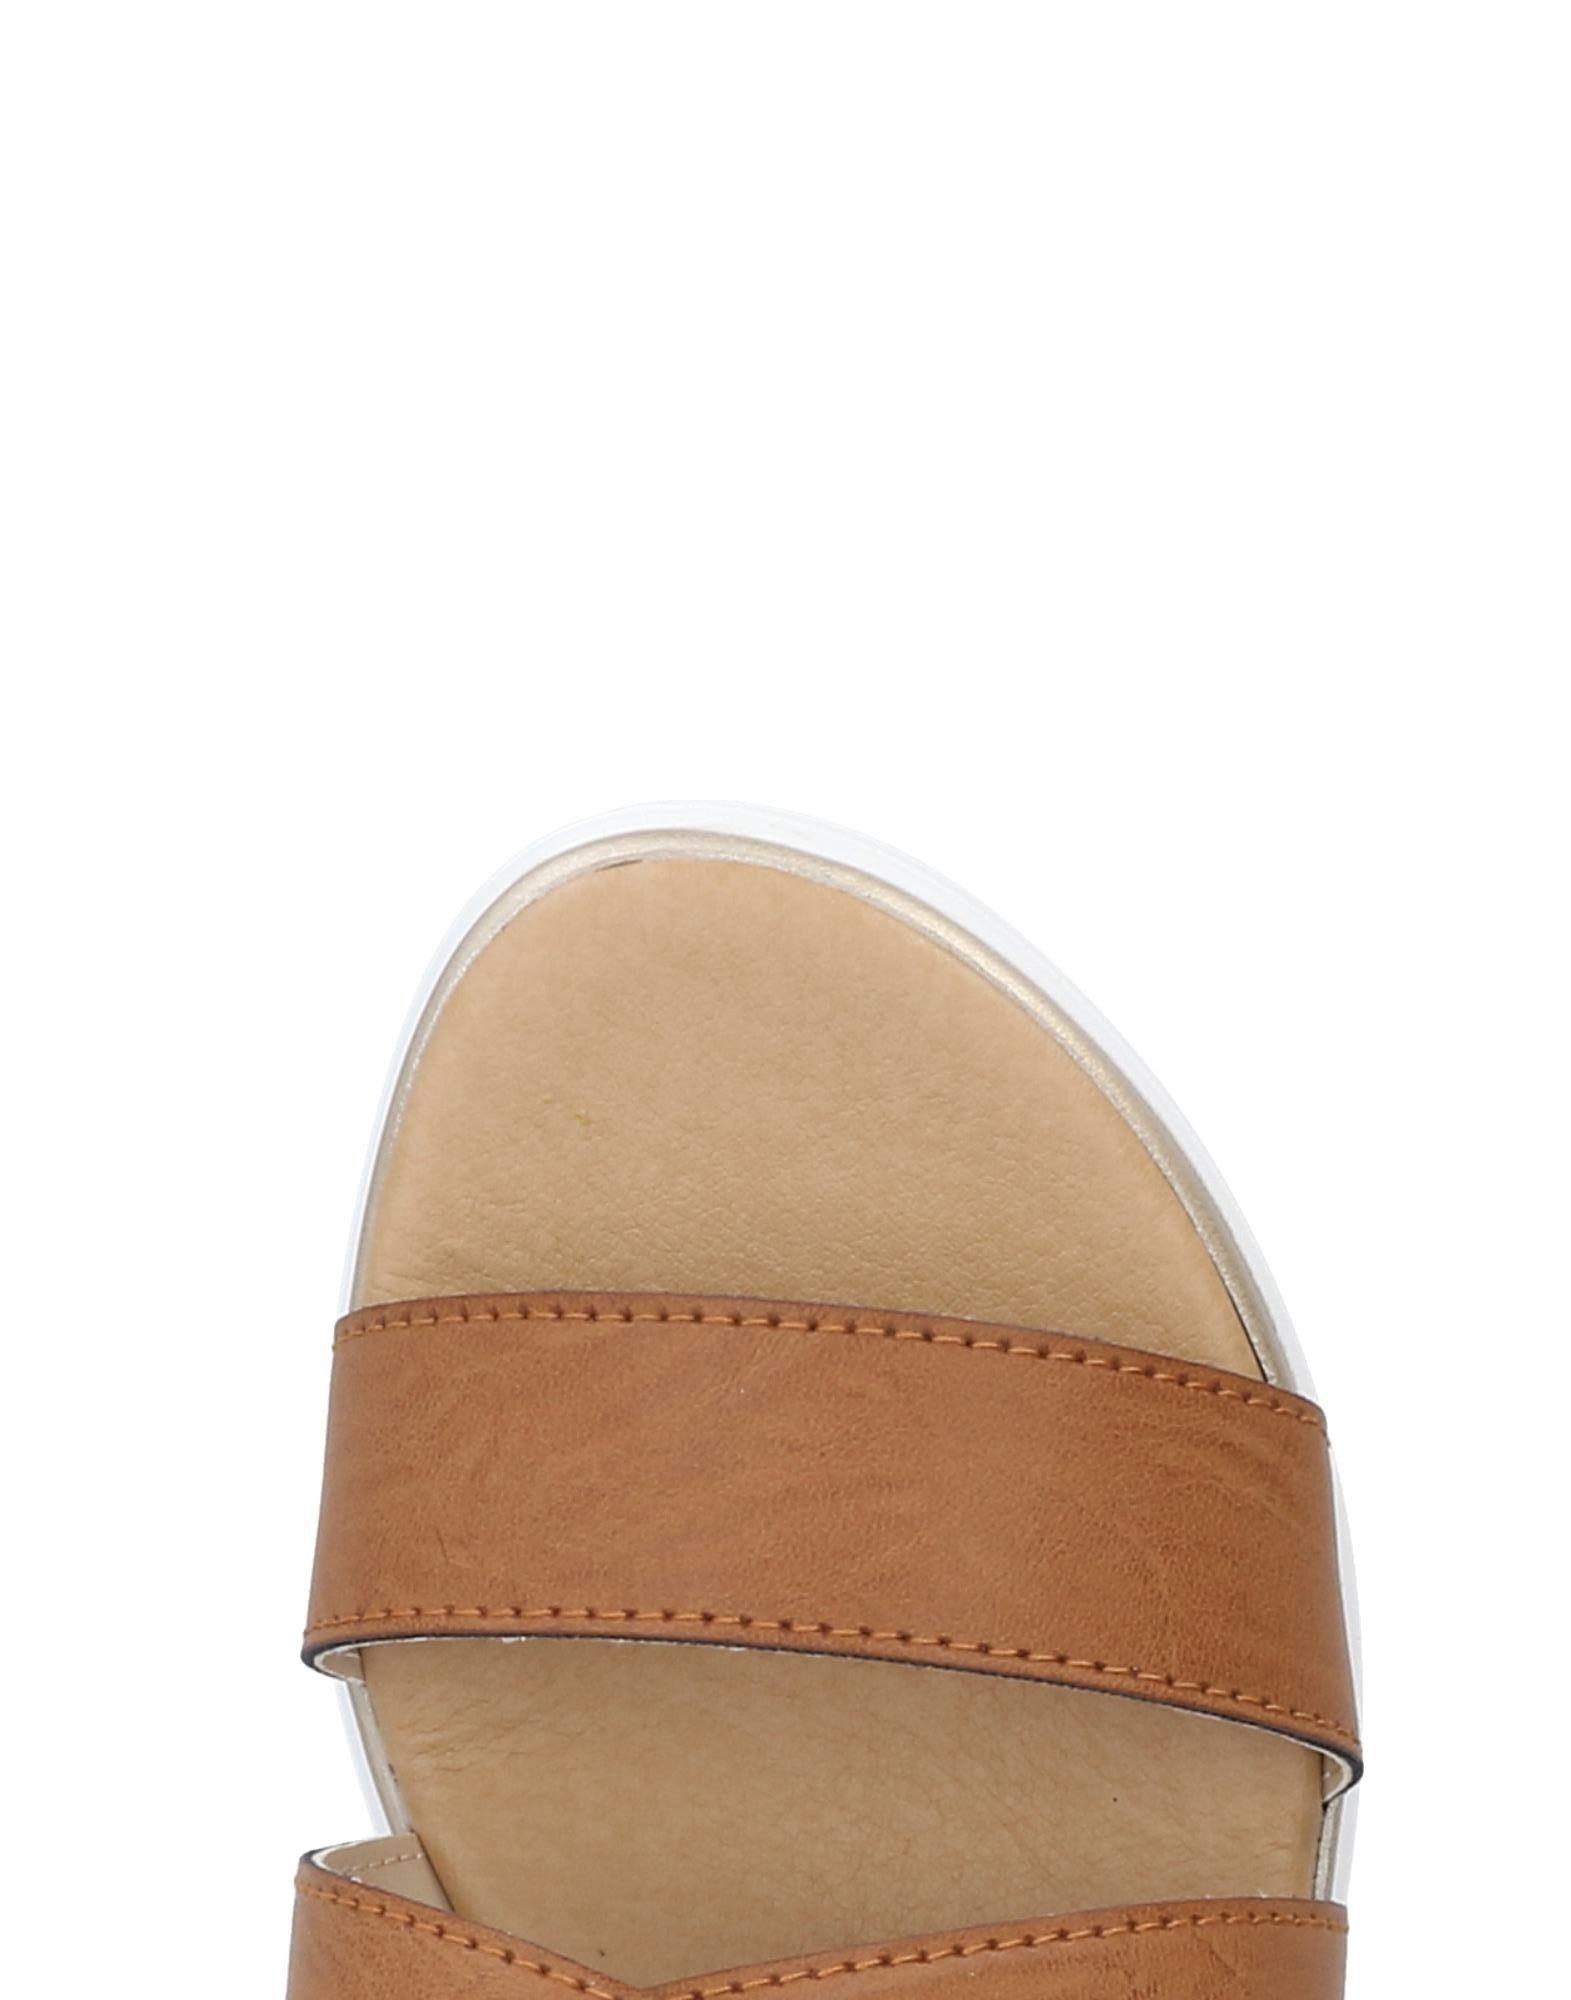 Angela George Gute Sandalen Damen  11460342WA Gute George Qualität beliebte Schuhe f81e94